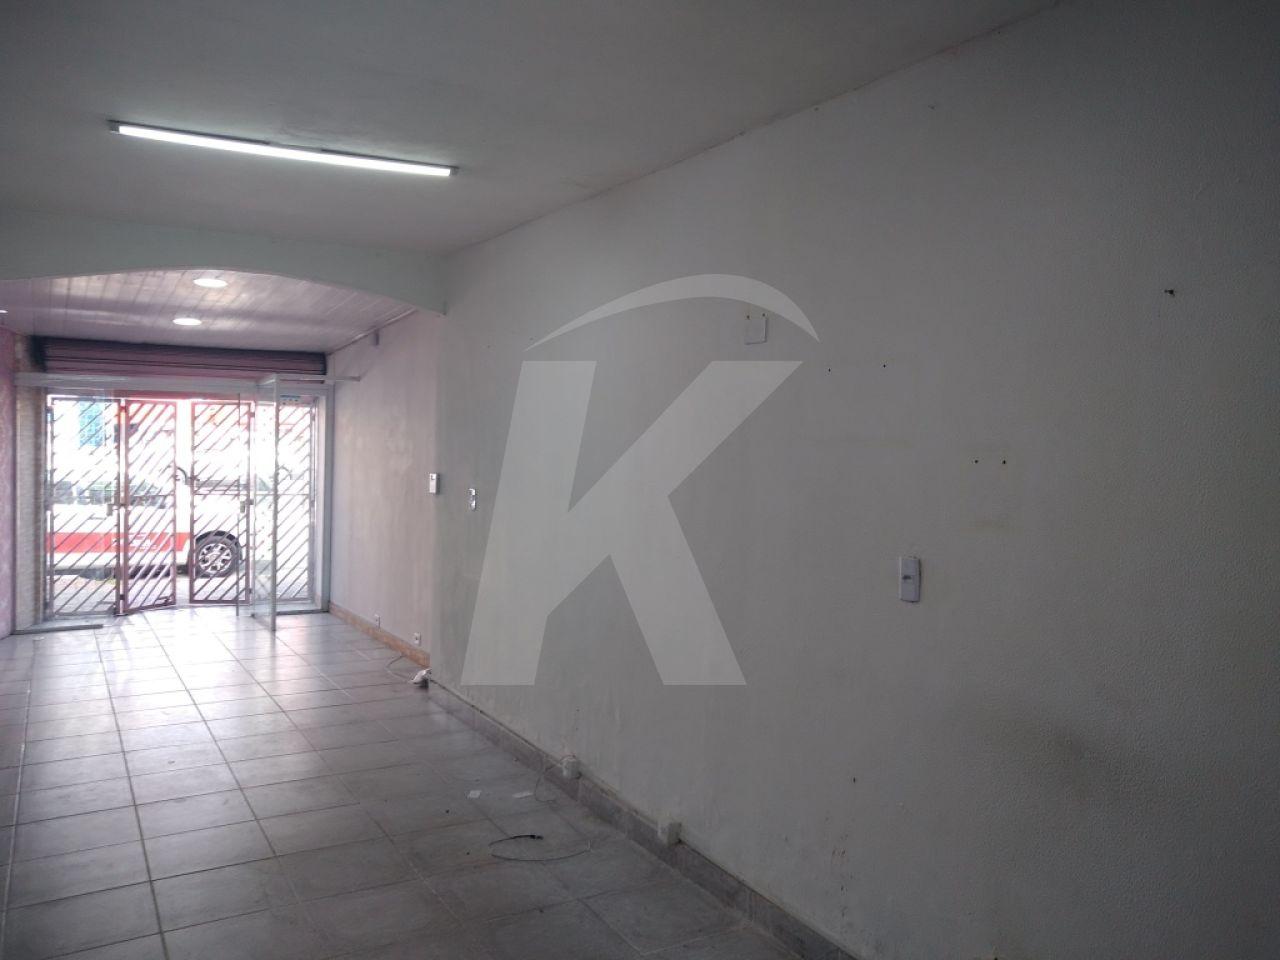 Alugar - Salão Comercial - Vila Nilo - 0 dormitórios.